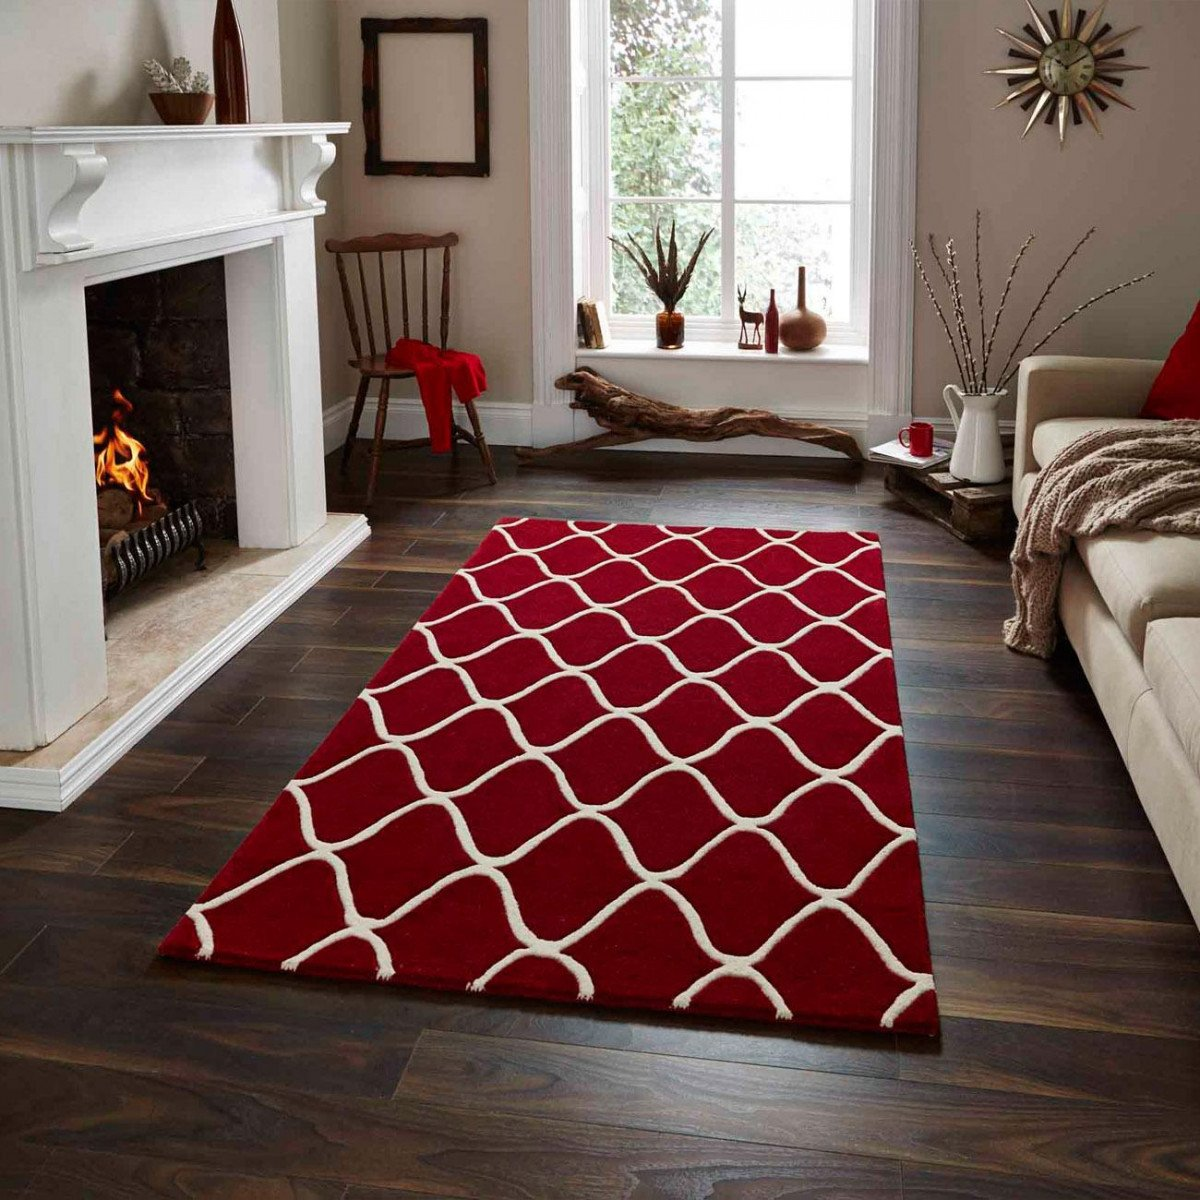 Интерьер с ковром